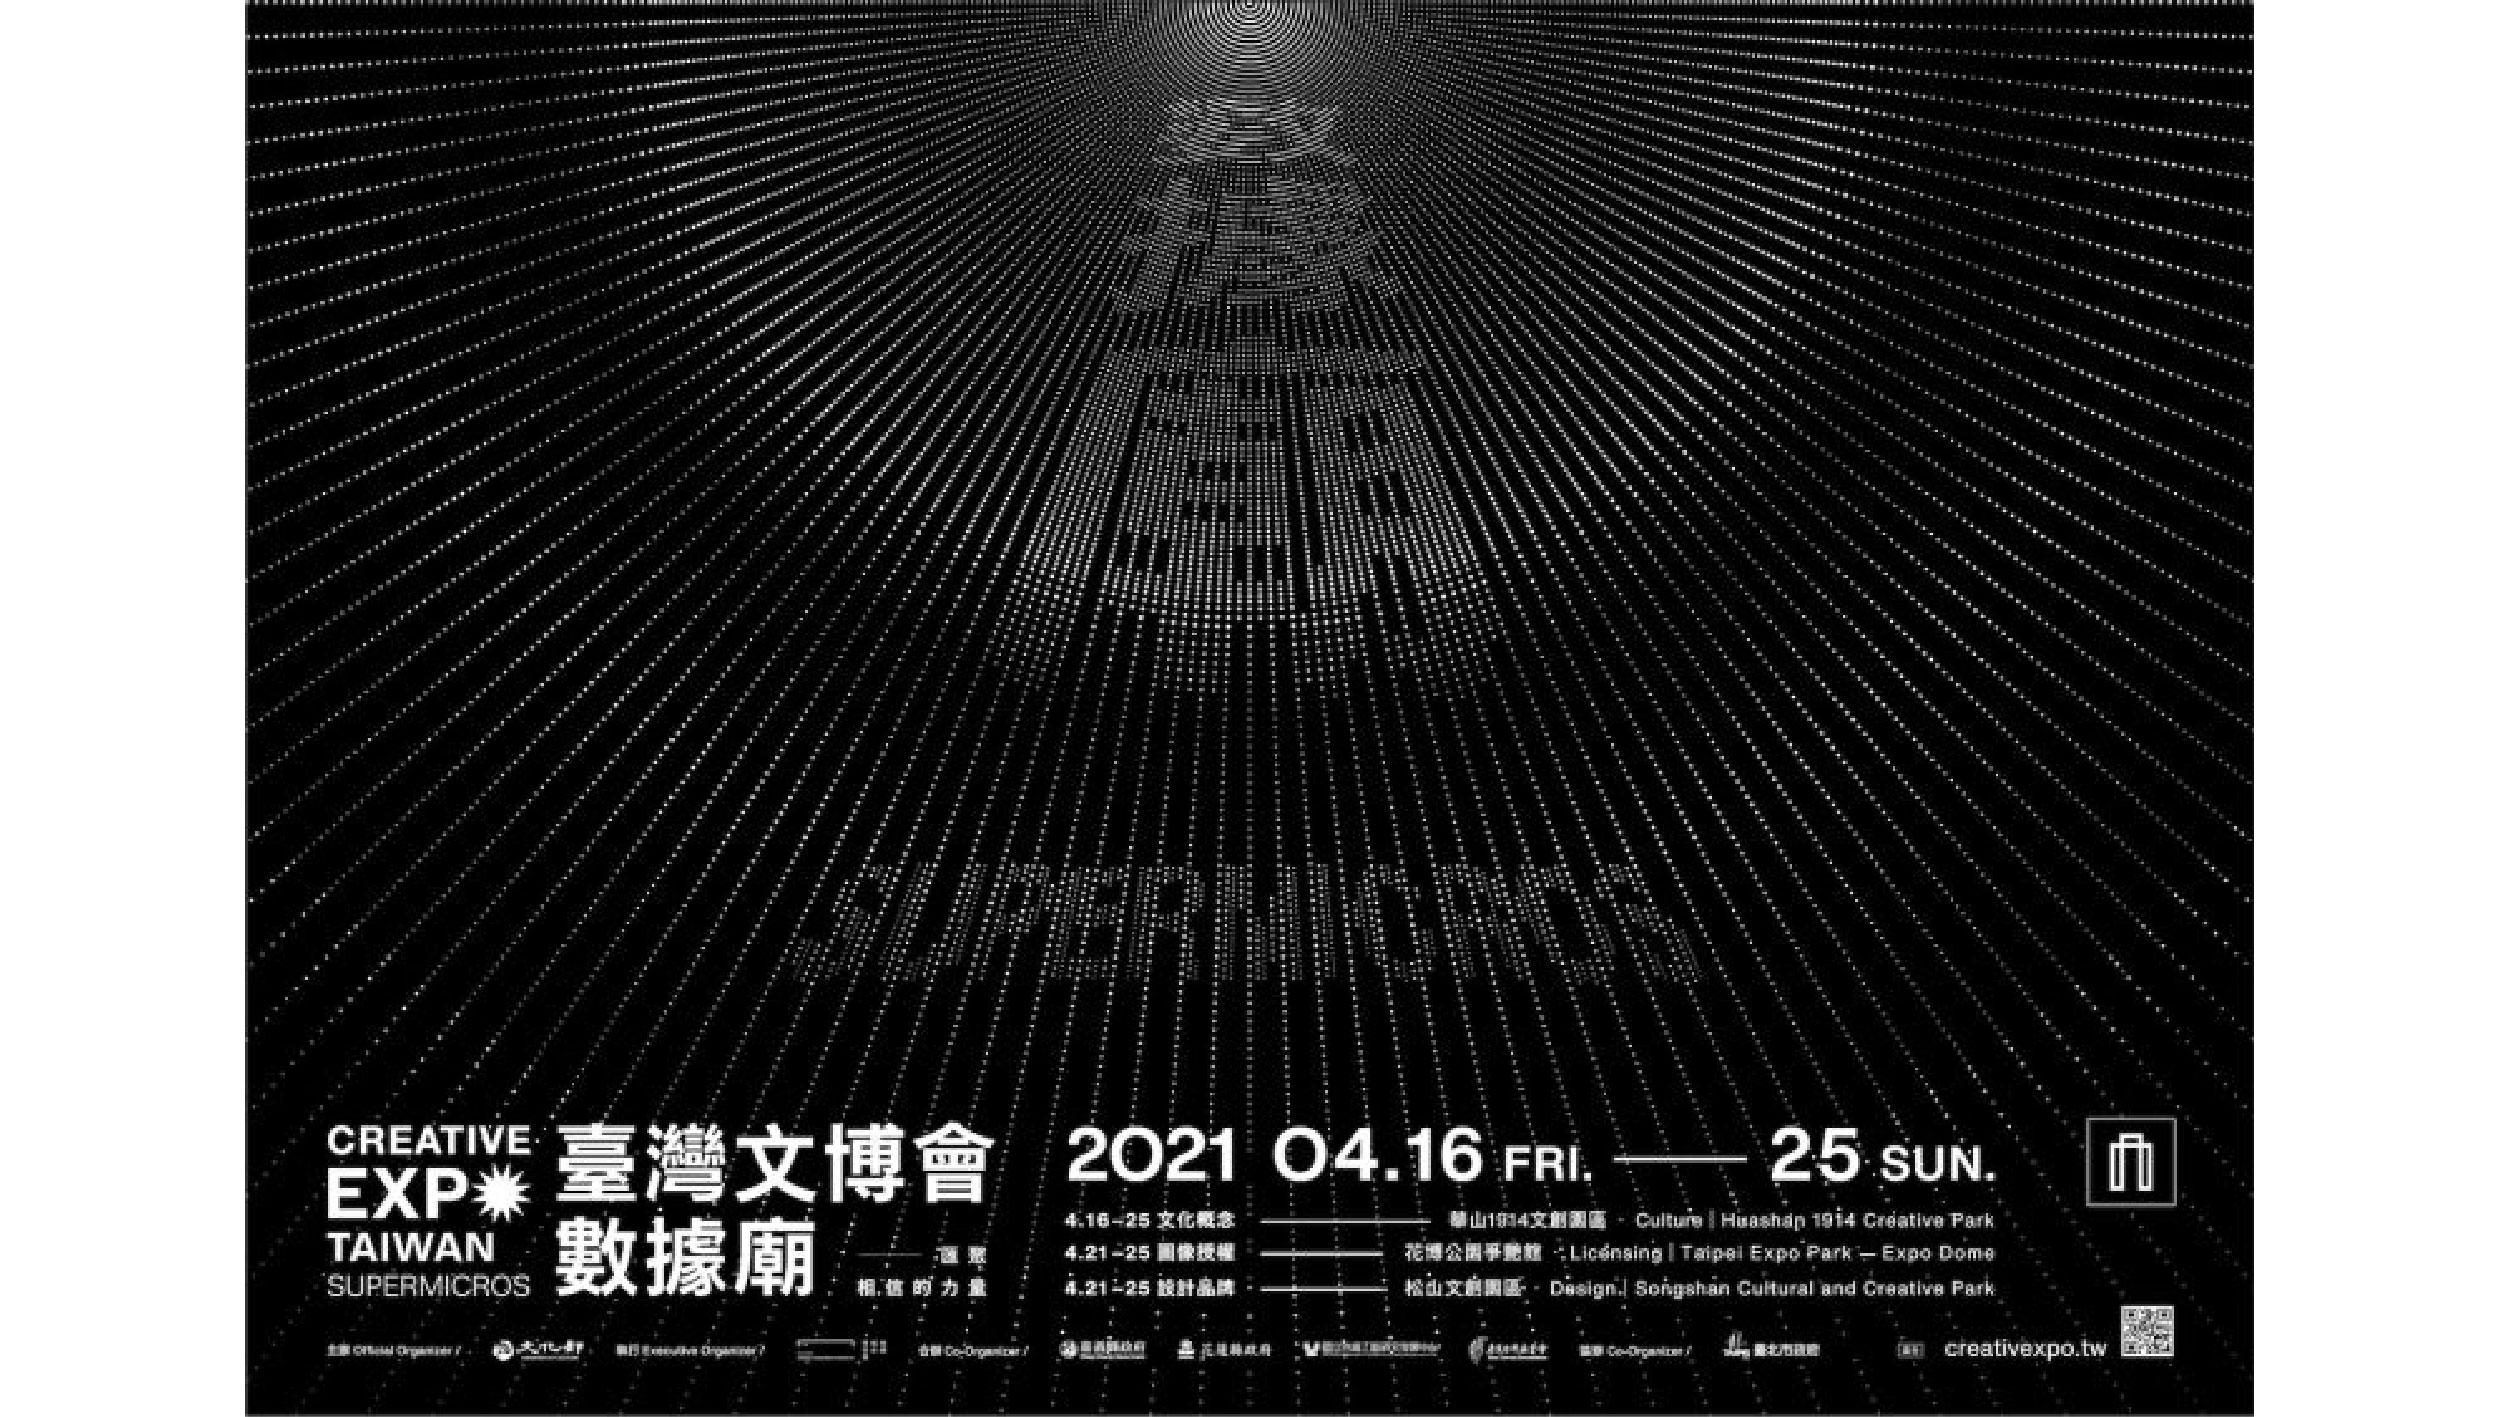 2021臺灣文博會「Supermicros數據廟—匯聚相信的力量」4月16日強勢登場,信仰匯聚共識的超級力量,傳達臺灣自信